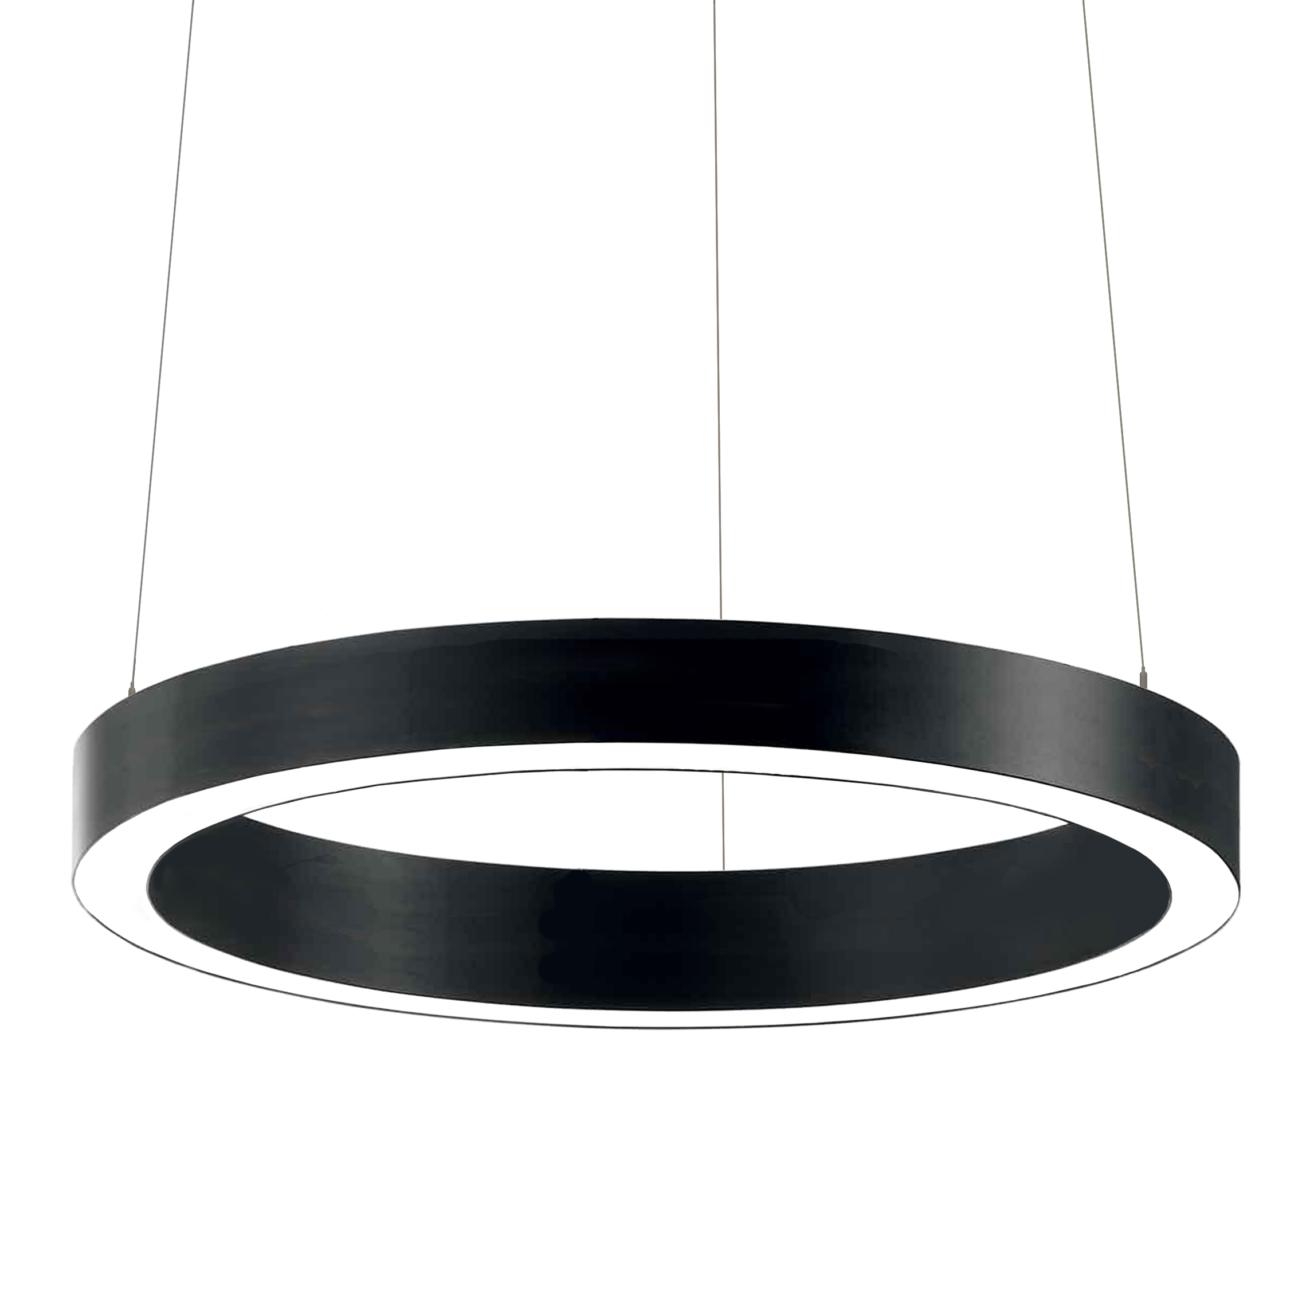 Светильник Ring 5060-600мм. 4000К/3000К. 27W/57W купить в Москве